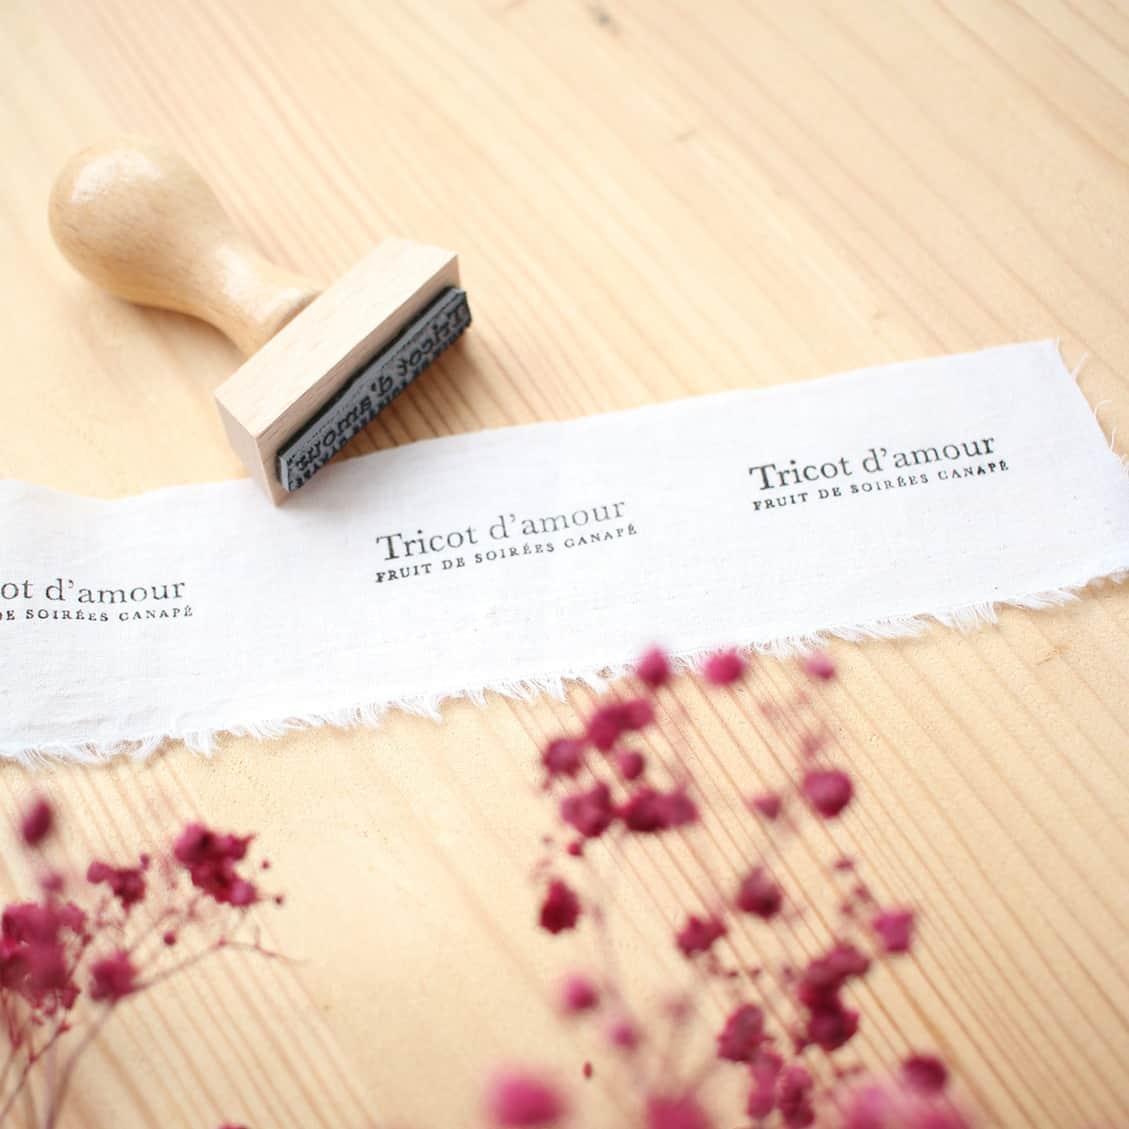 etiquette-couture-personnalise-tricot-295